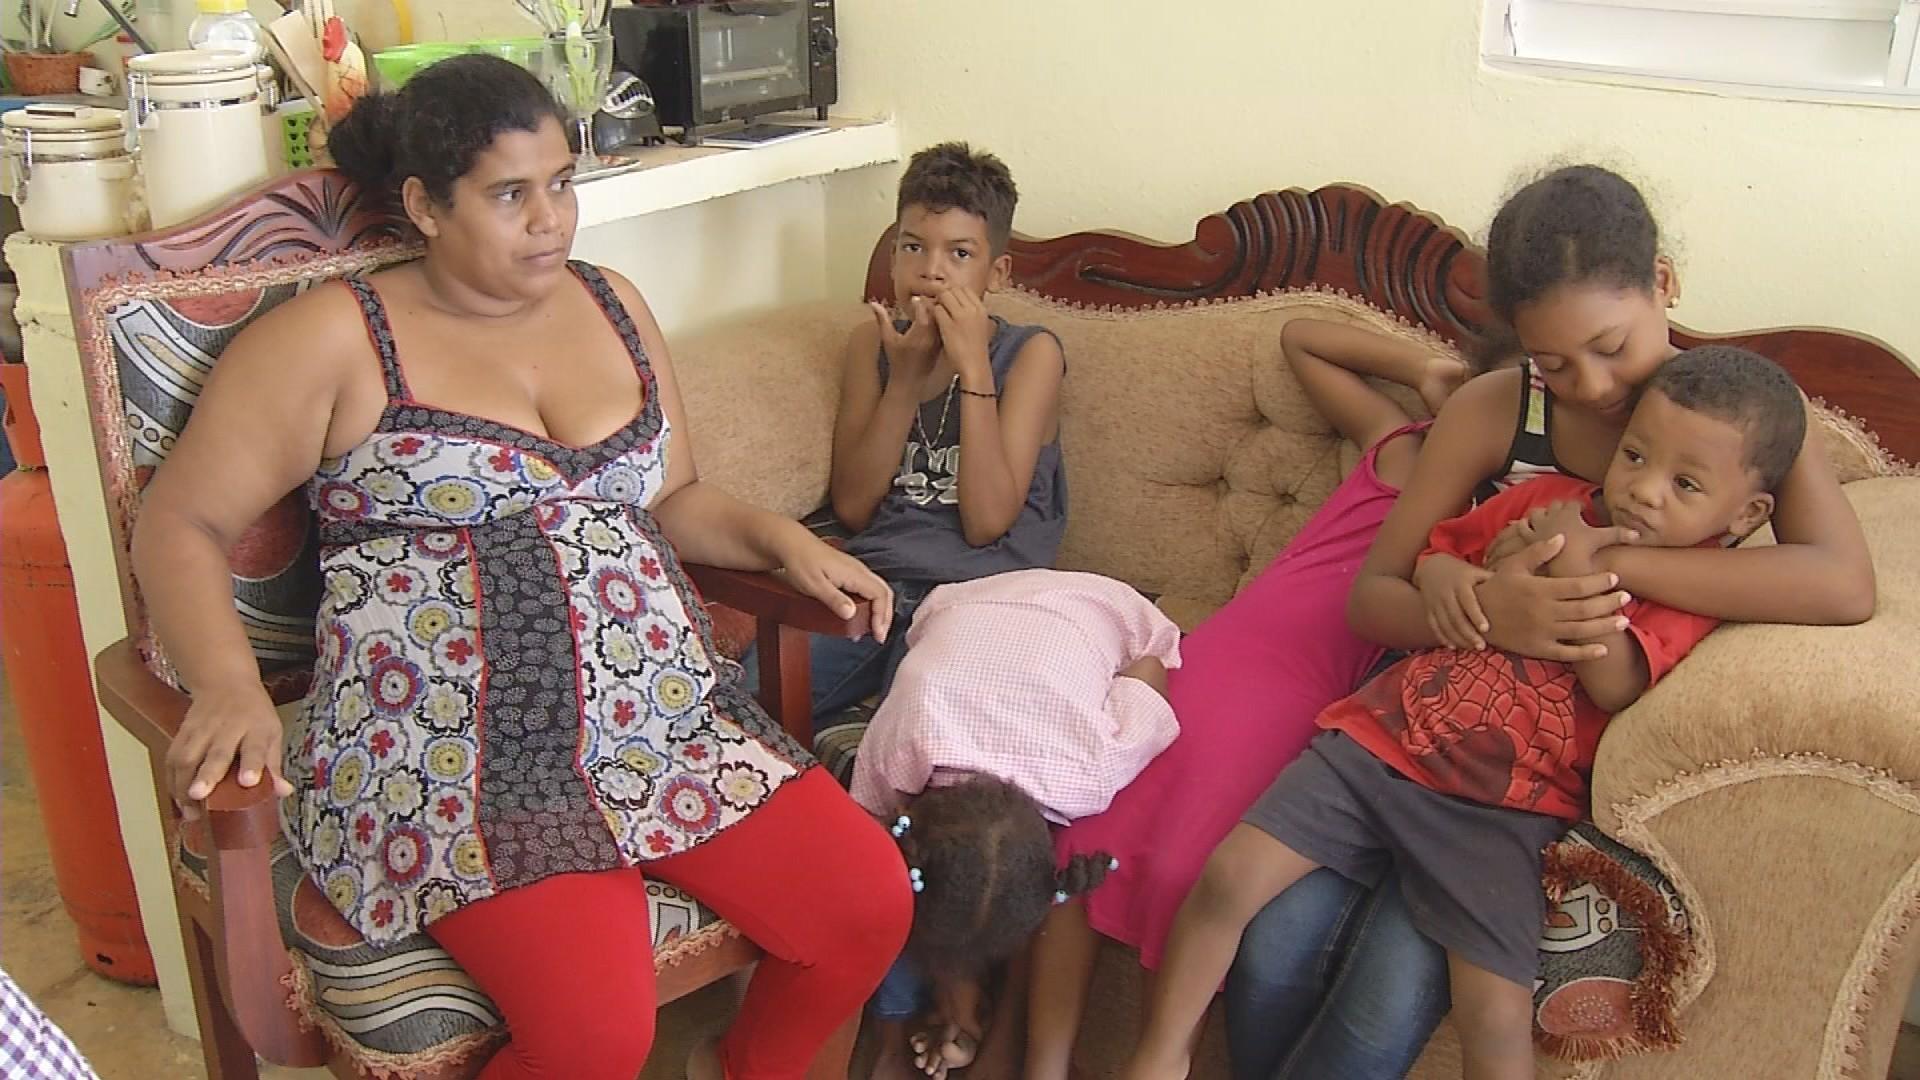 Image result for Madre de 6 hijos embarazada de quintillizos a la espera de recibir ayuda